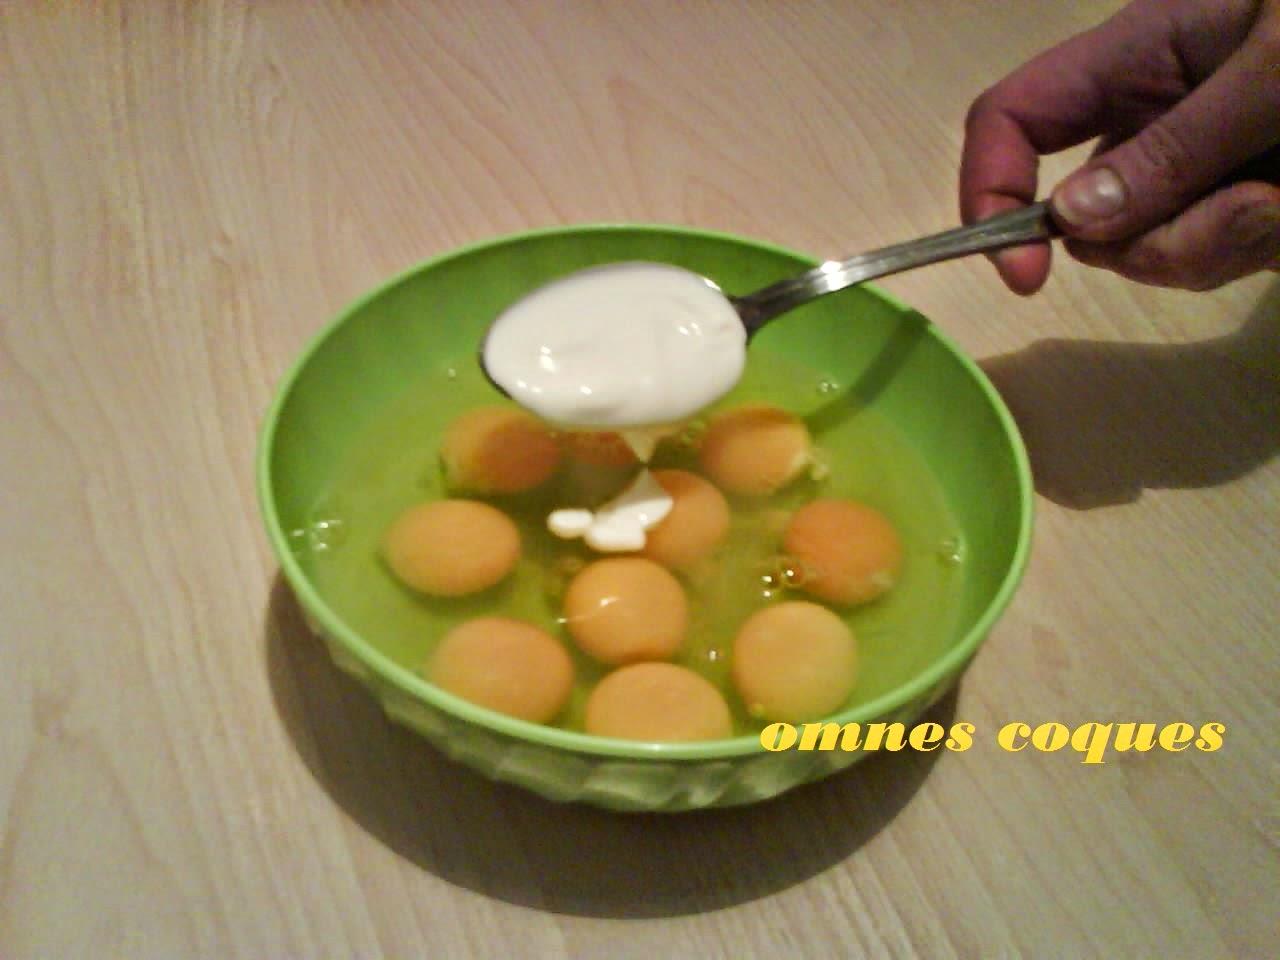 omnes coques... ricette di cucina quotidiana: Mozzarella in carrozza